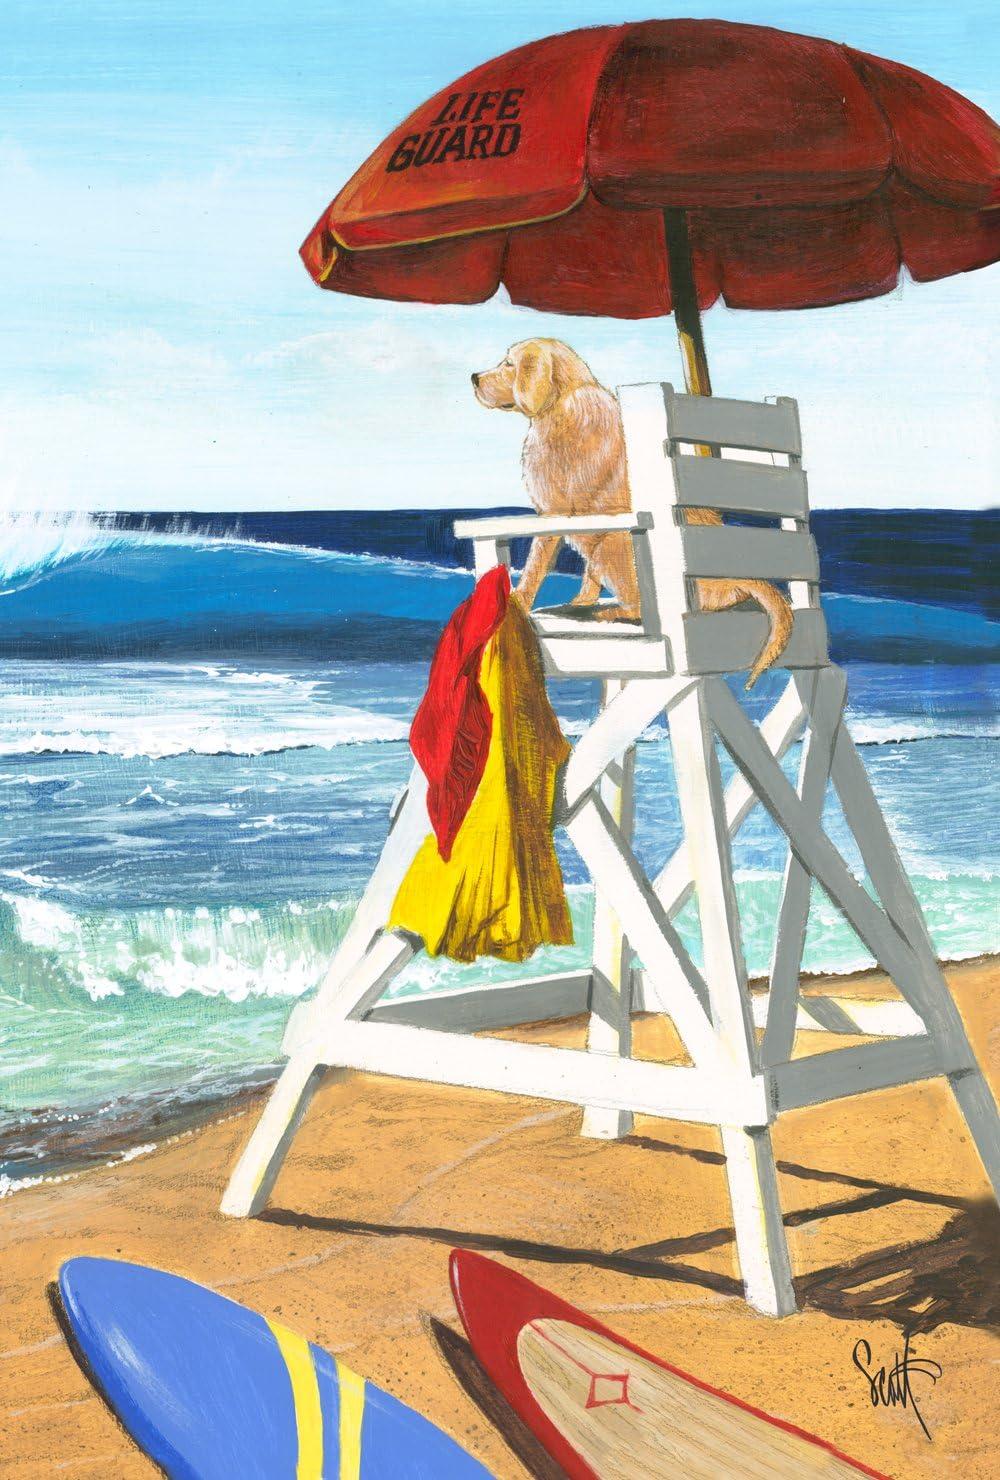 Toland Home Garden Puppy Patrol 12.5 x 18 Inch Decorative Summer Beach Dog Lifegaurd Garden Flag